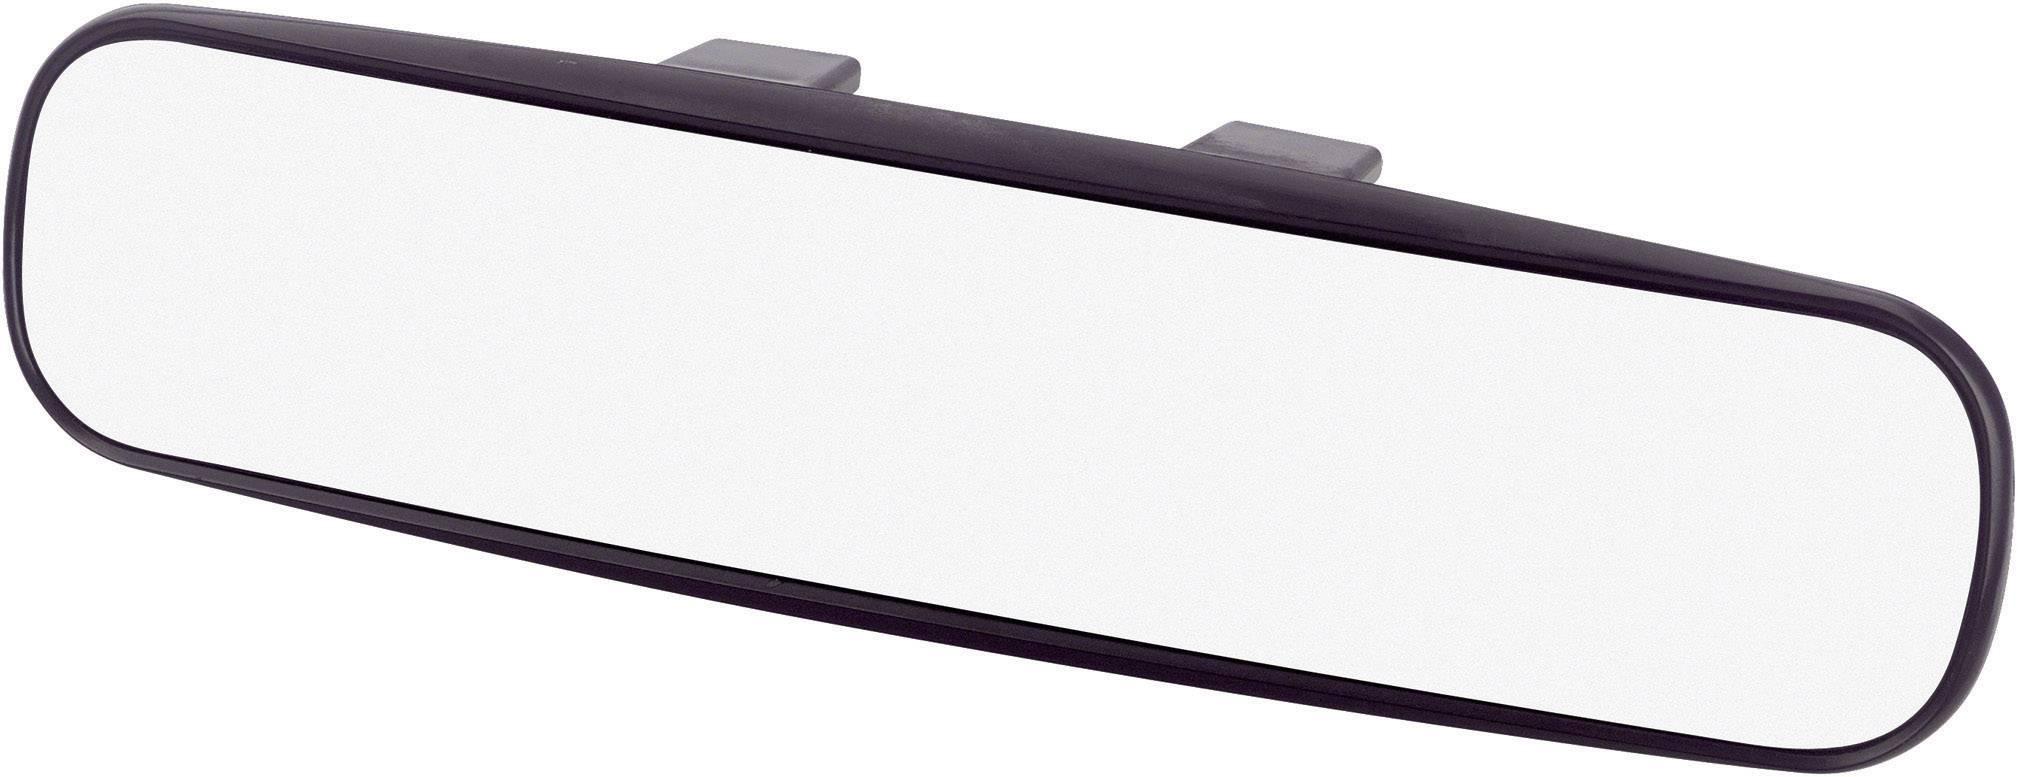 Zrkadlo pre mŕtvy uhol Herbert Richter 187/66